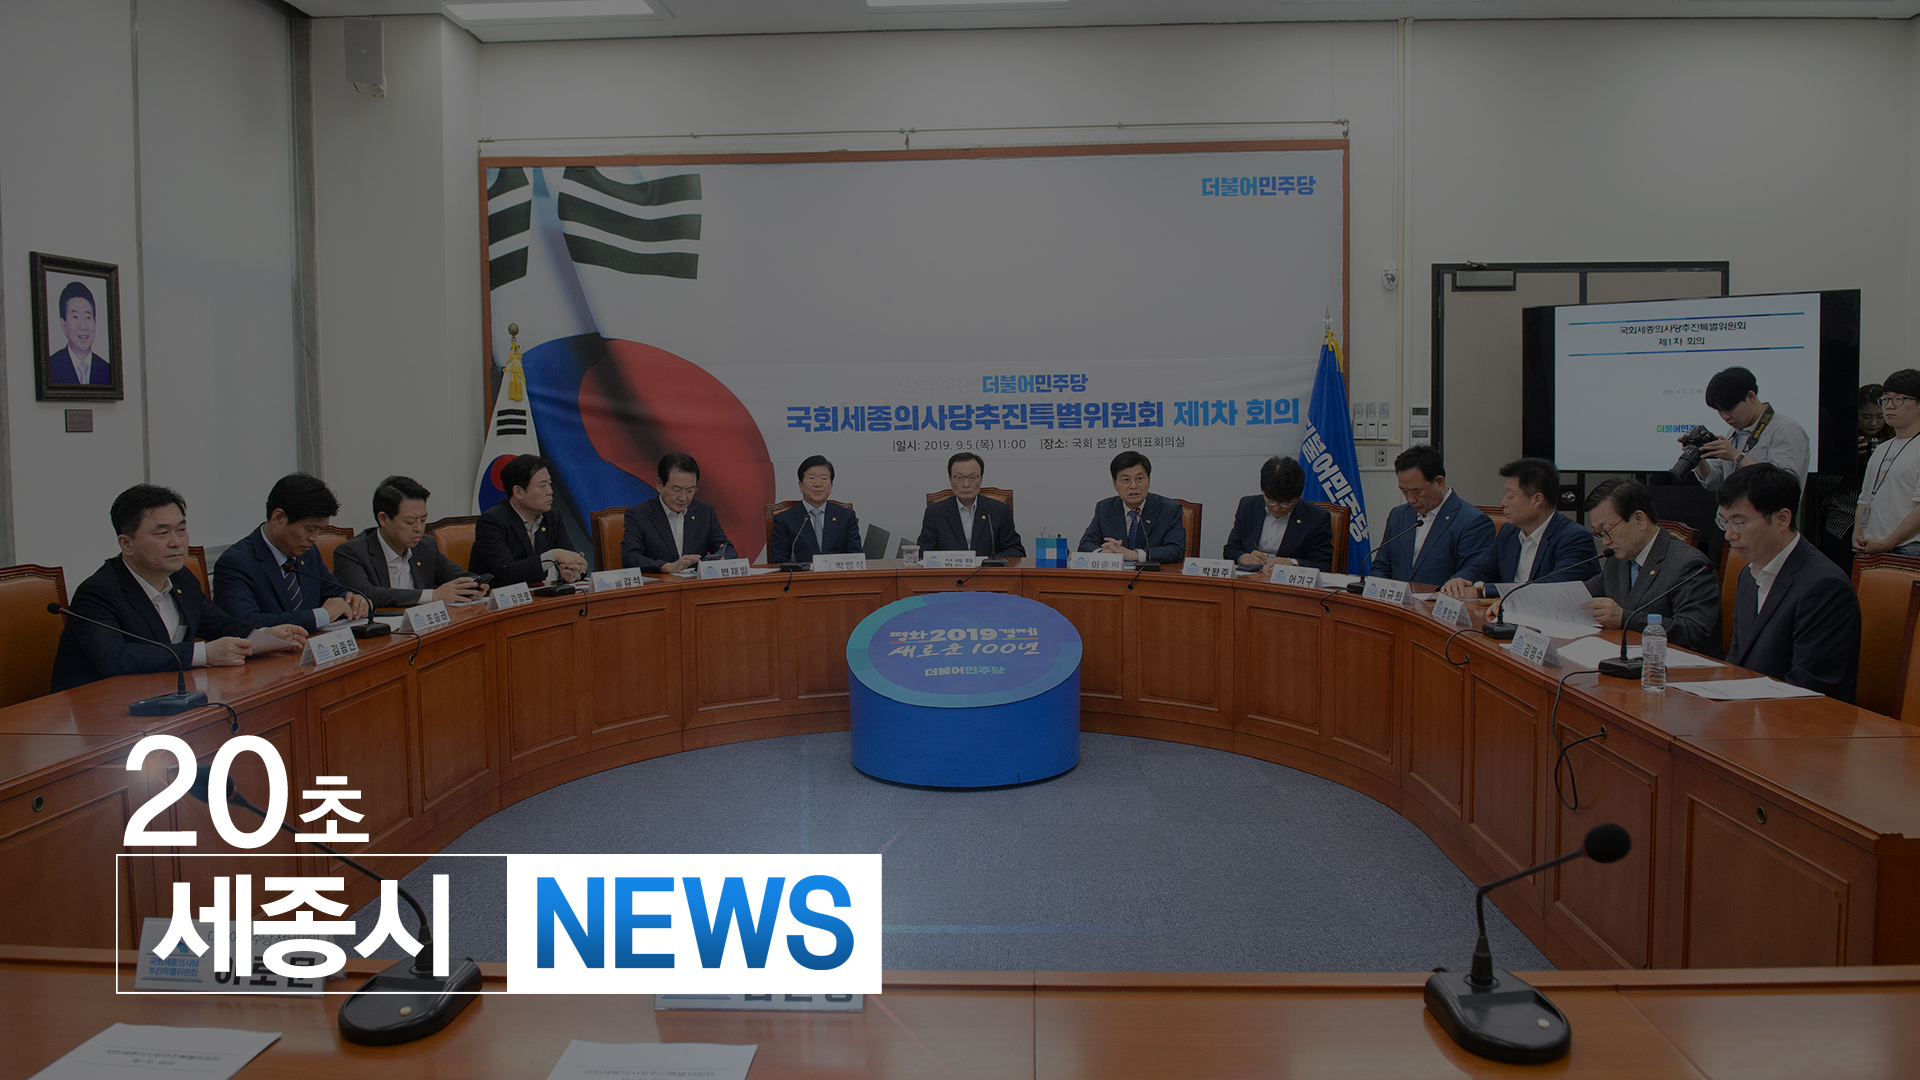 <20초뉴스> 민주당 국회세종의사당추진특위 1차 회의